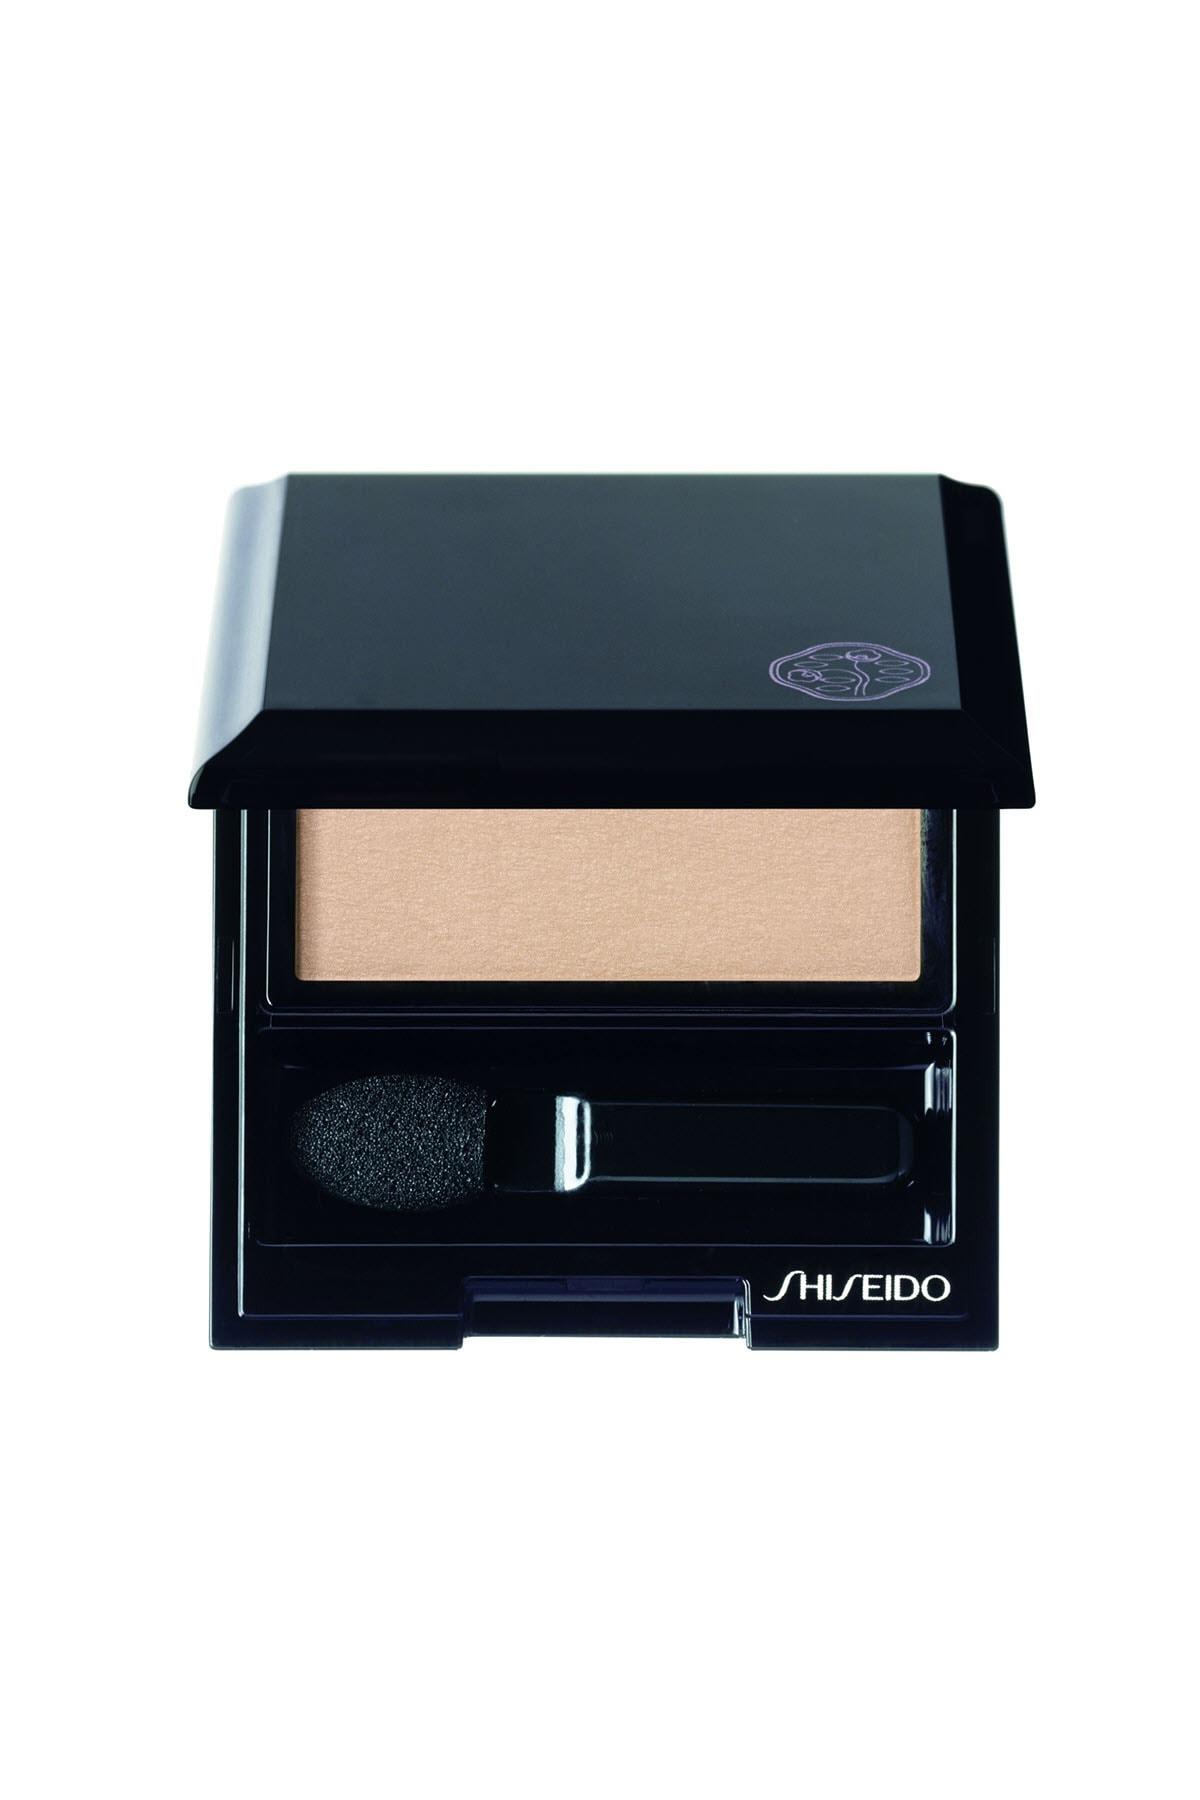 Shiseido Saten Bitişli Göz Farı - Luminizing Satin Eye Color BE701 729238500785 1